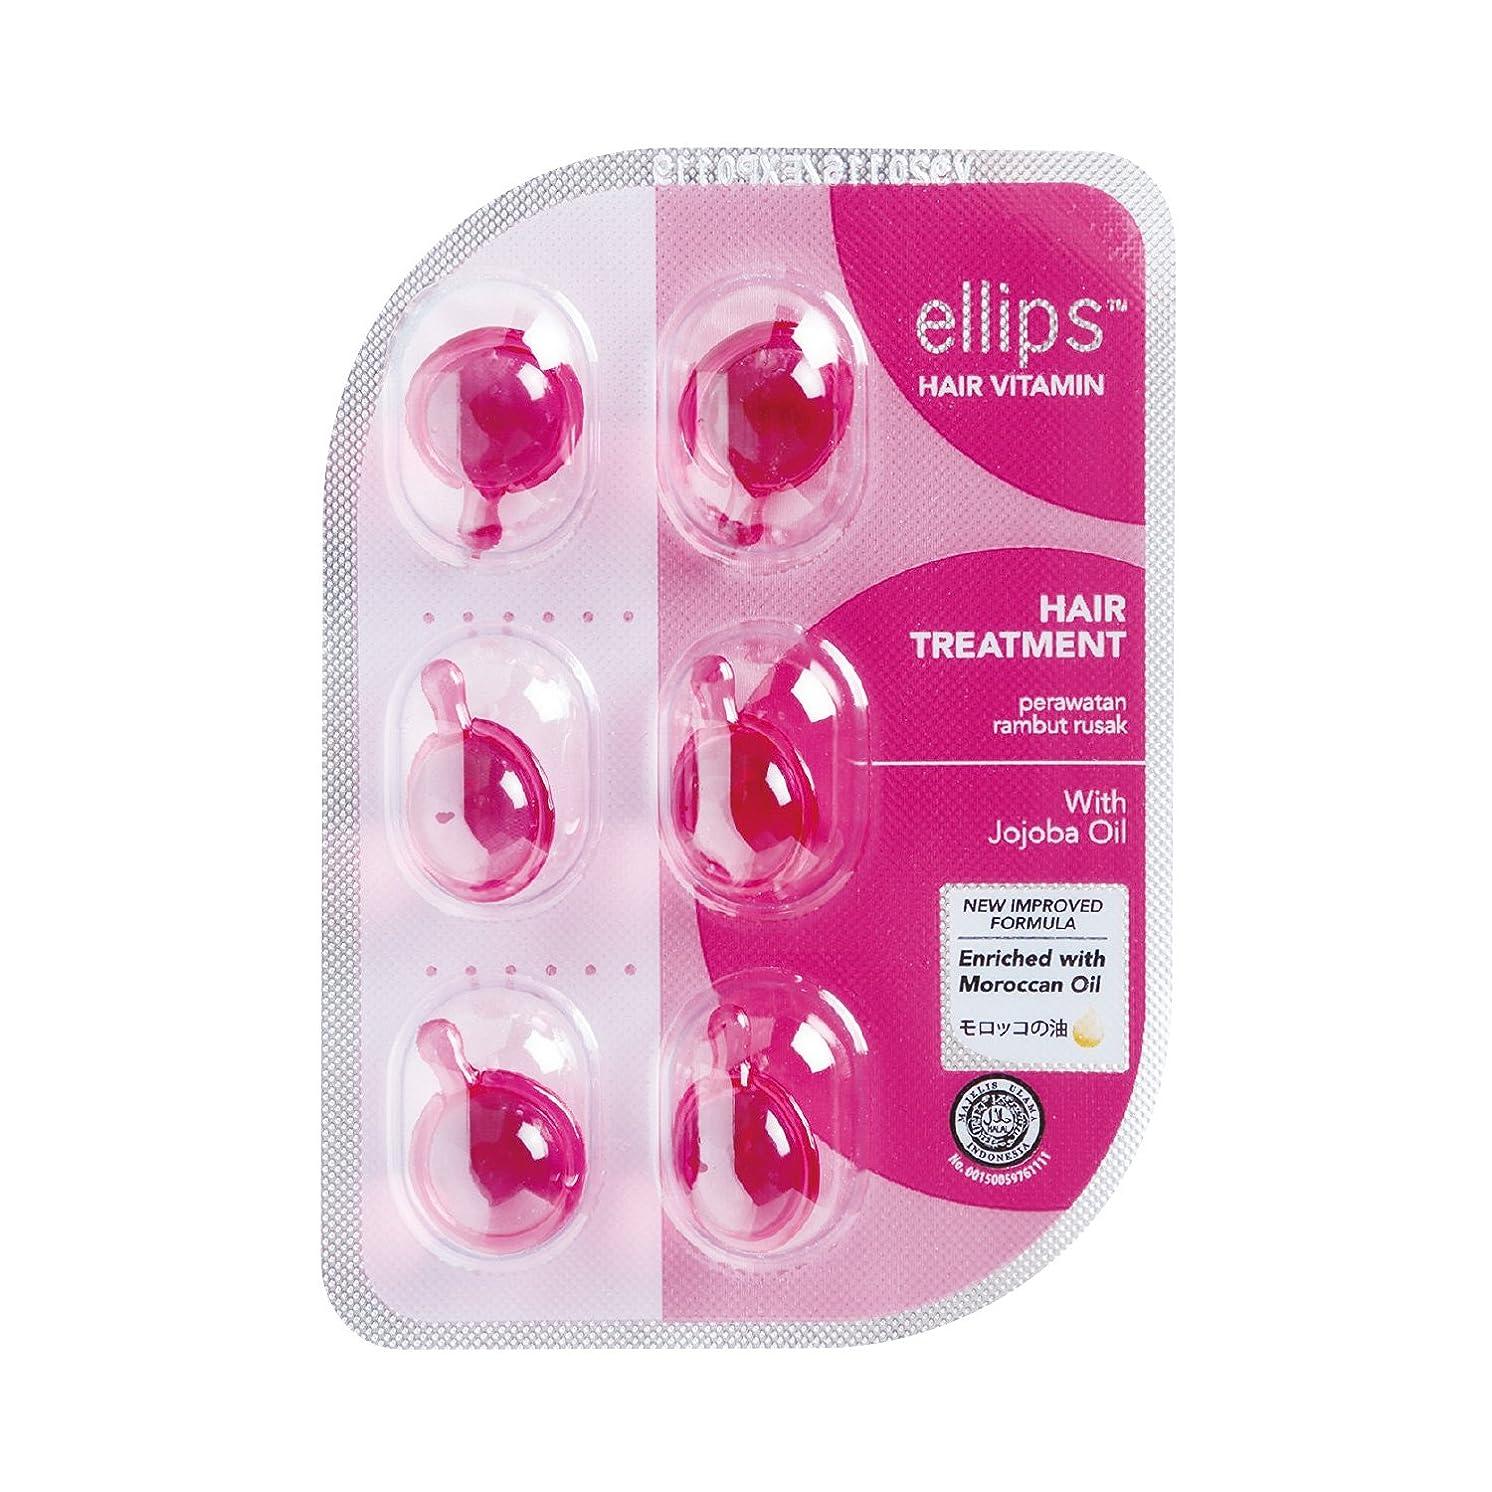 意志に反する次マーチャンダイザー[ym] エリップス Ellips ヘアビタミン 6粒入り シートタイプ 洗い流さない トリートメント (1シート(6粒), ピンク)